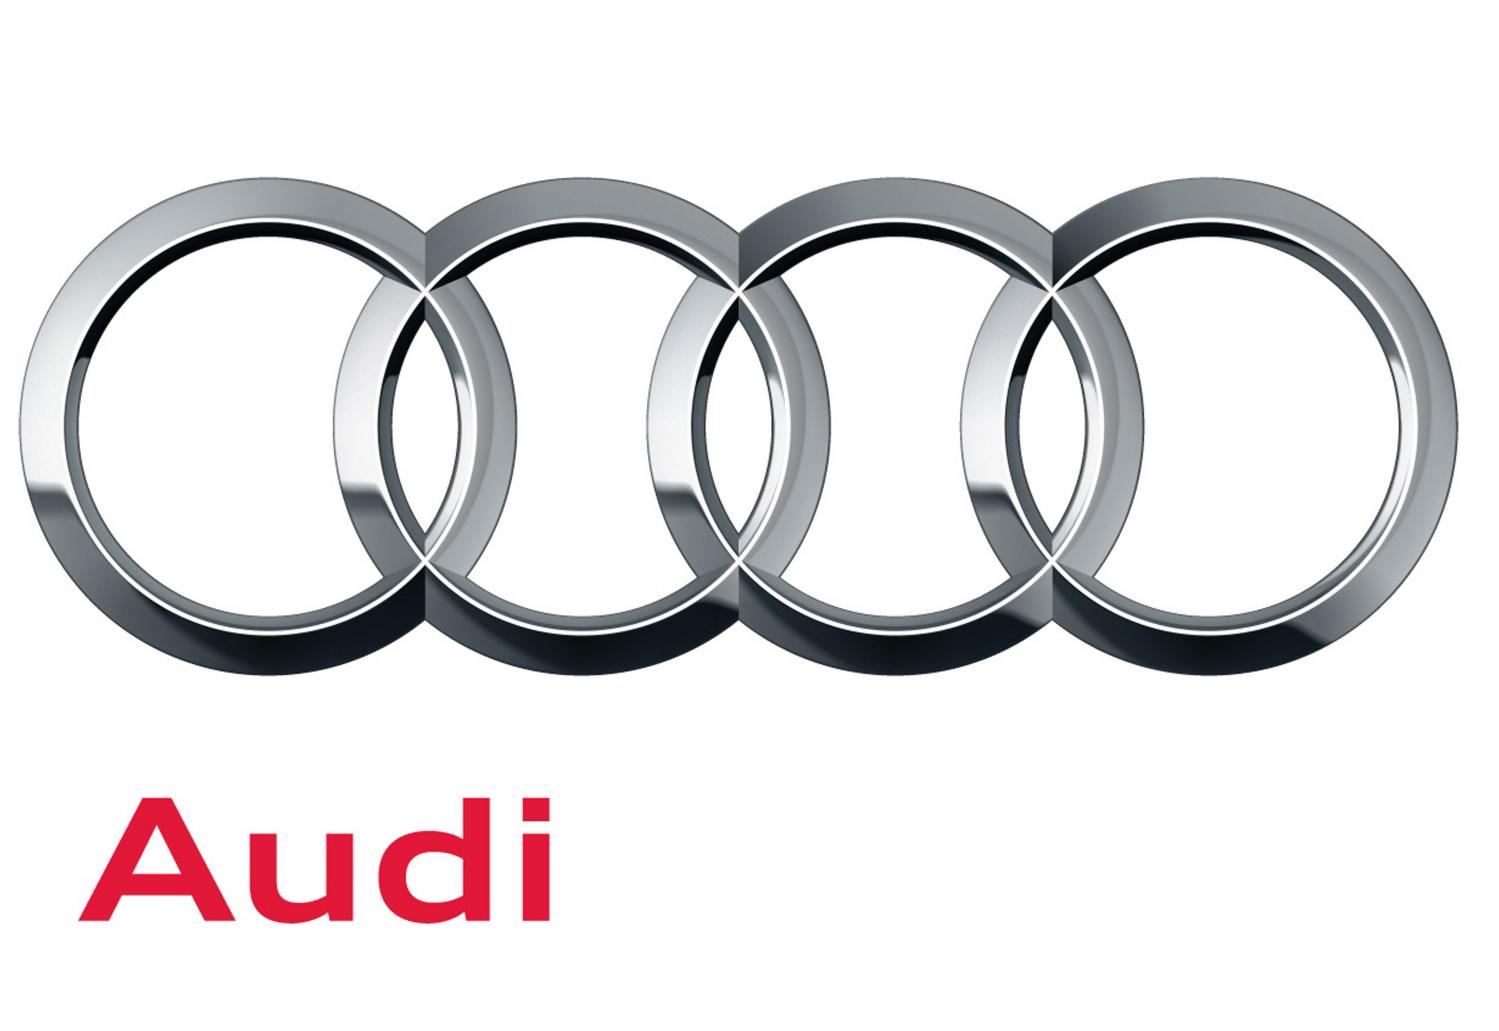 audi logo png transparent audi logo images. | pluspng